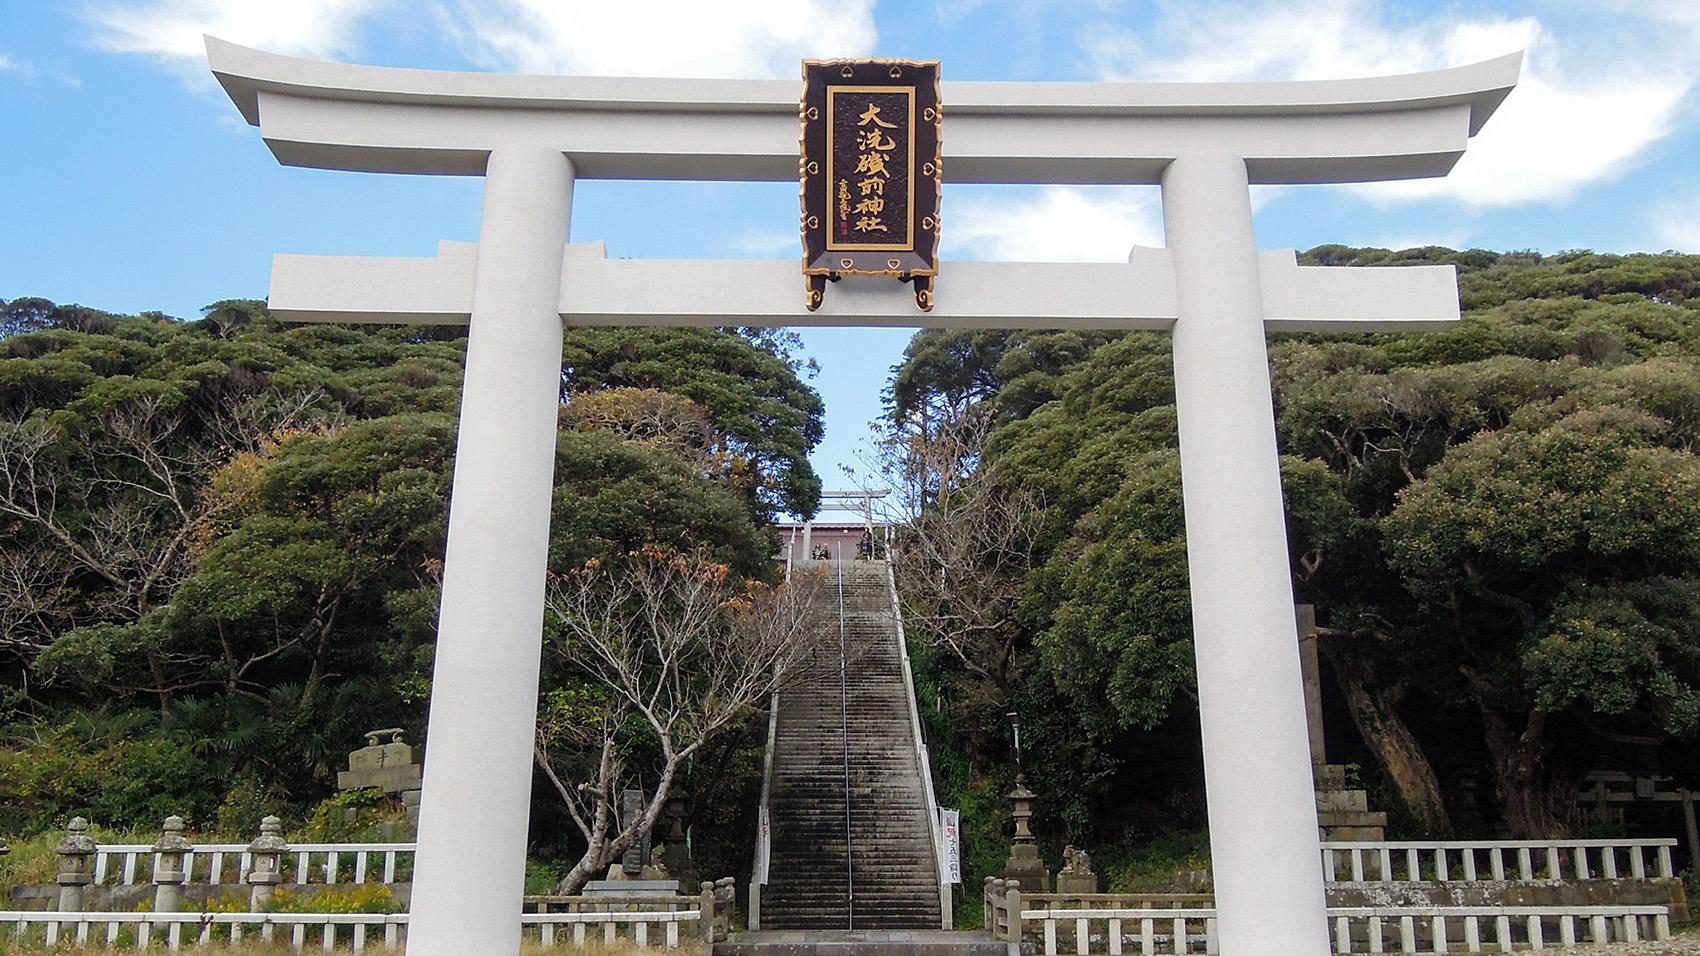 大洗の海に面した大洗磯前神社正面の鳥居。